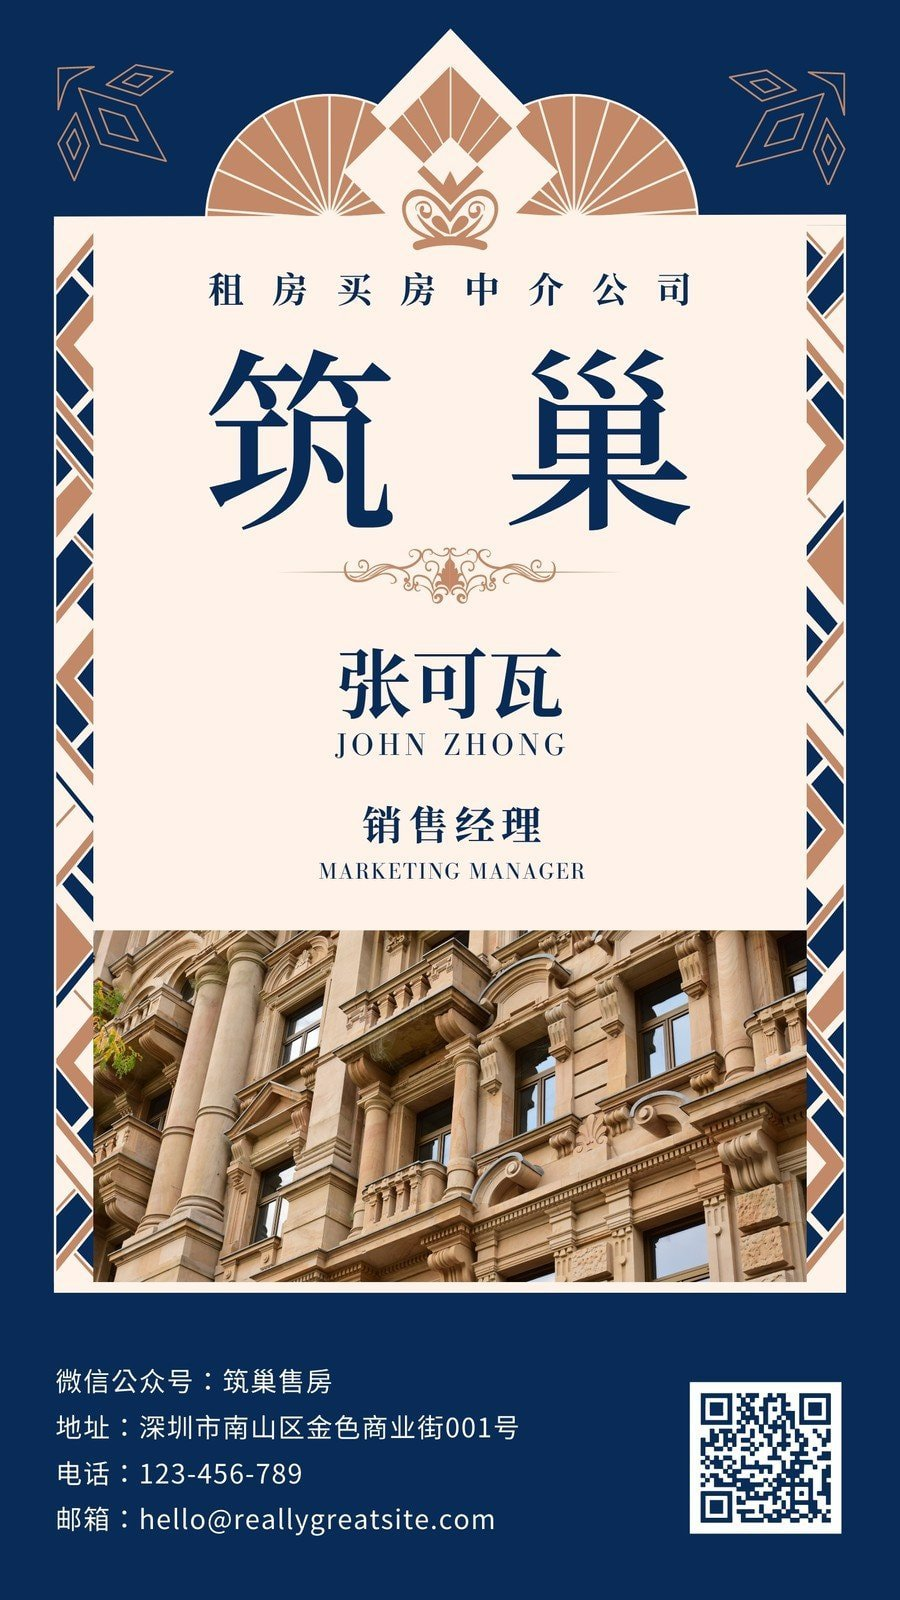 蓝褐色欧式花纹建筑西式房地产介绍中文电子名片